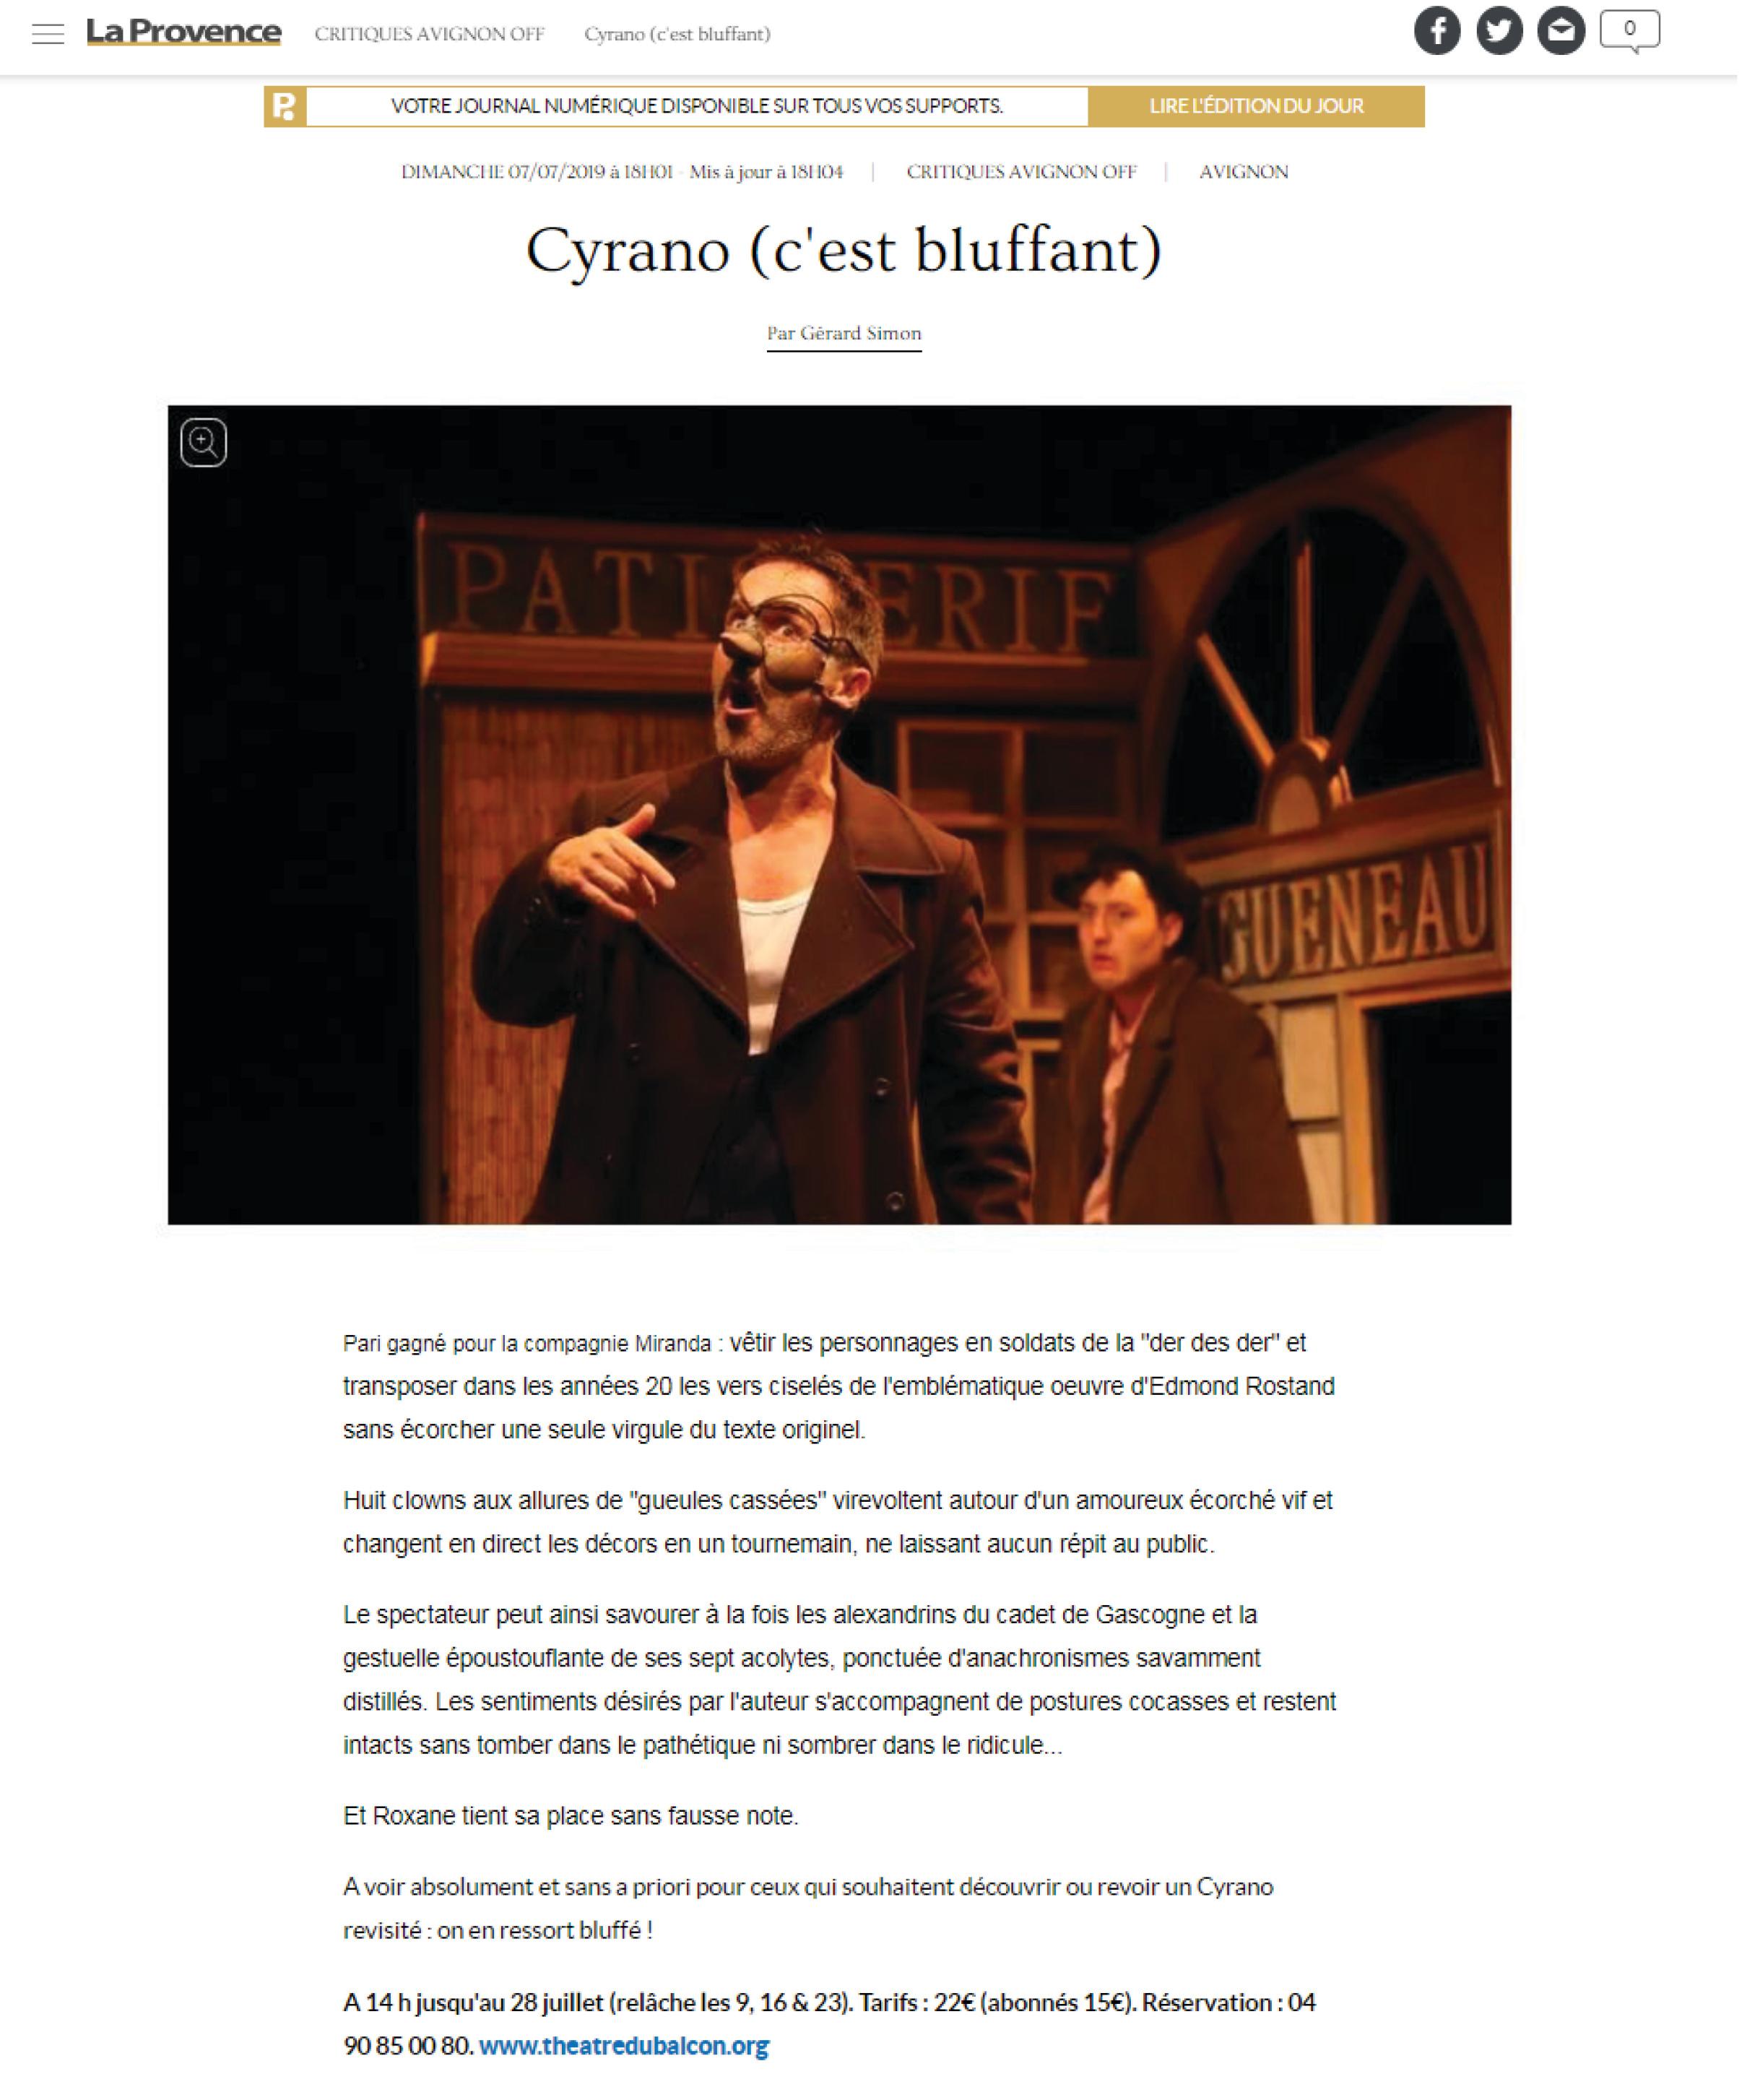 La Provence - Avignon 2019 - Cyrano